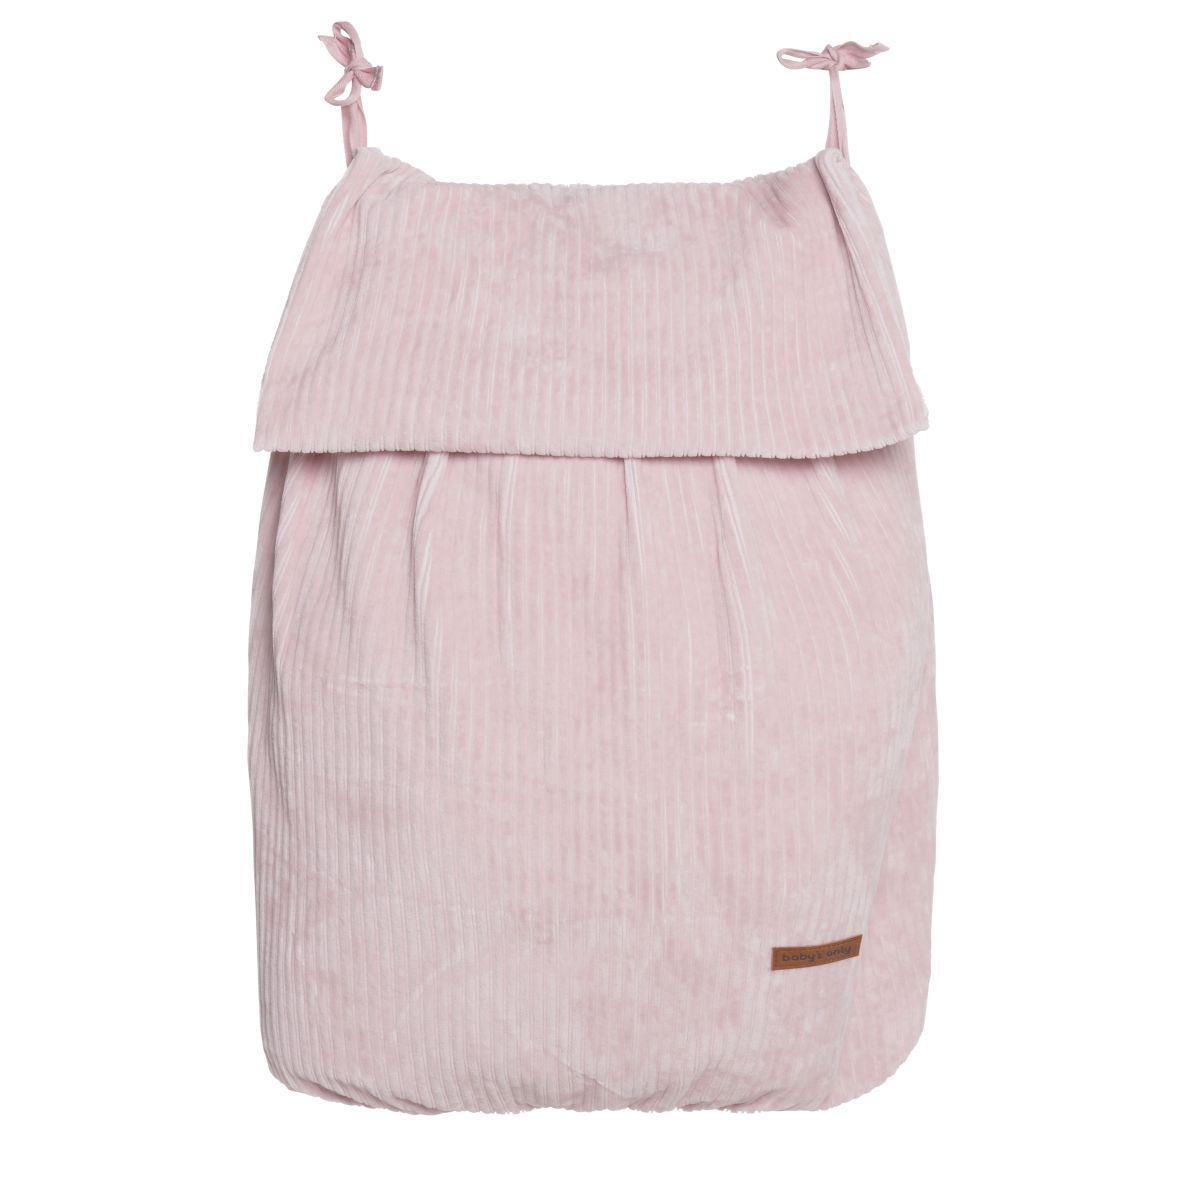 babys only bo024041007 sense boxzak oud roze 1